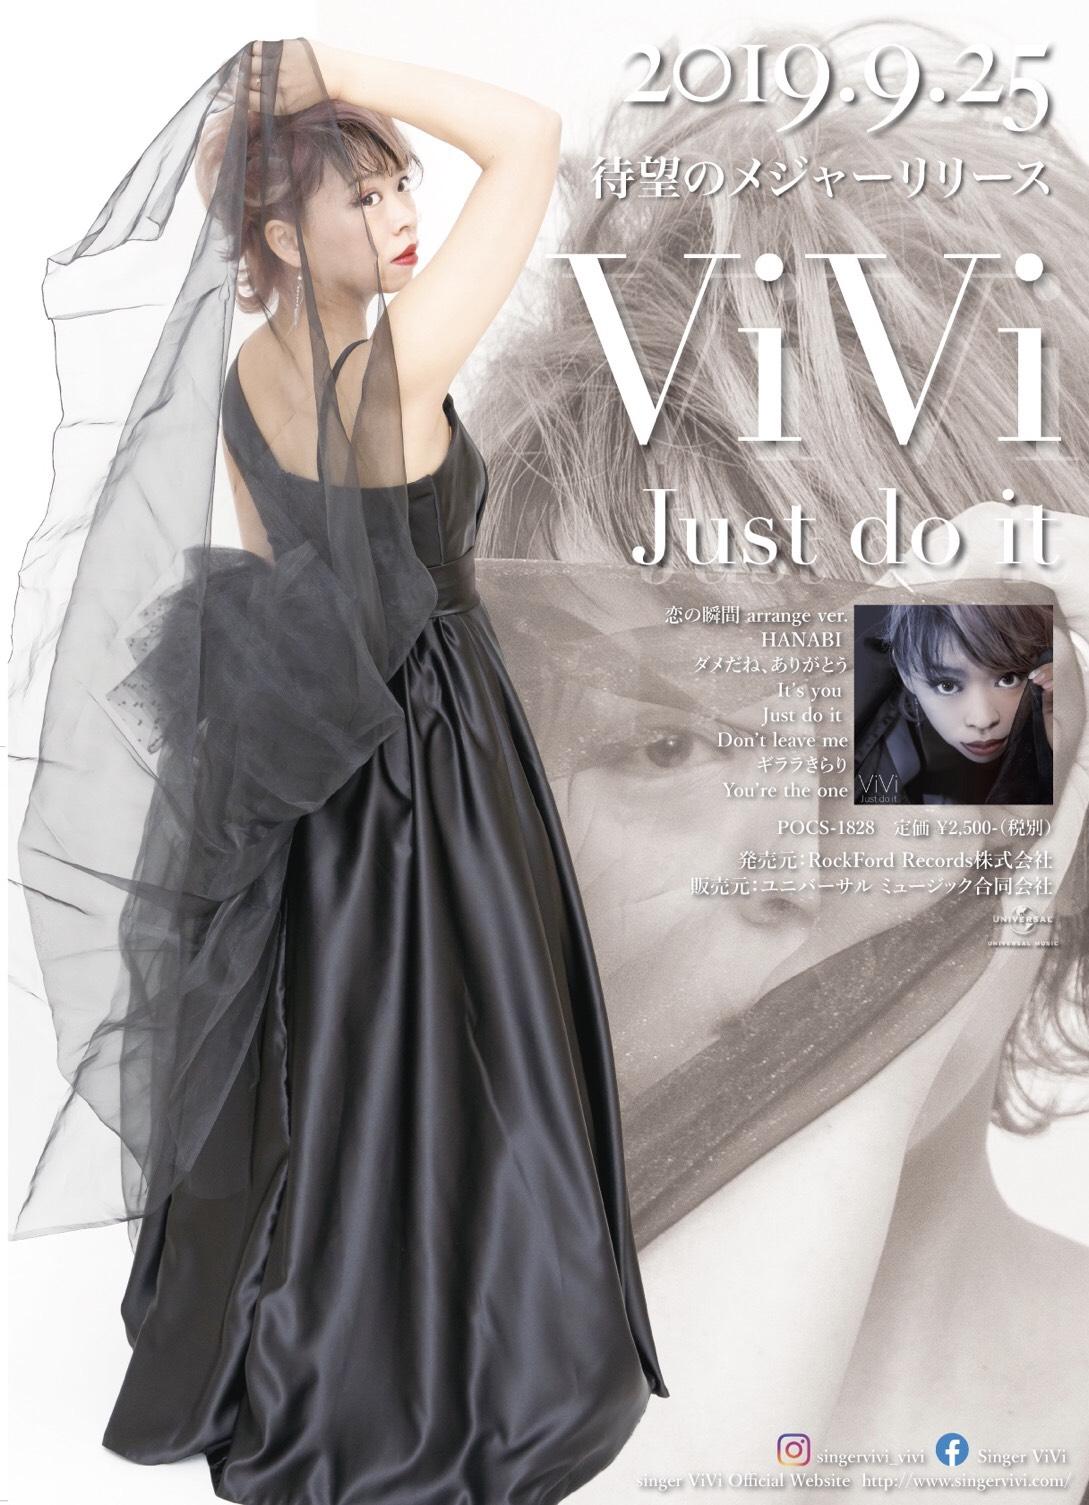 ボイトレコースのViVi、ユニバーサルミュージックからデビューです。